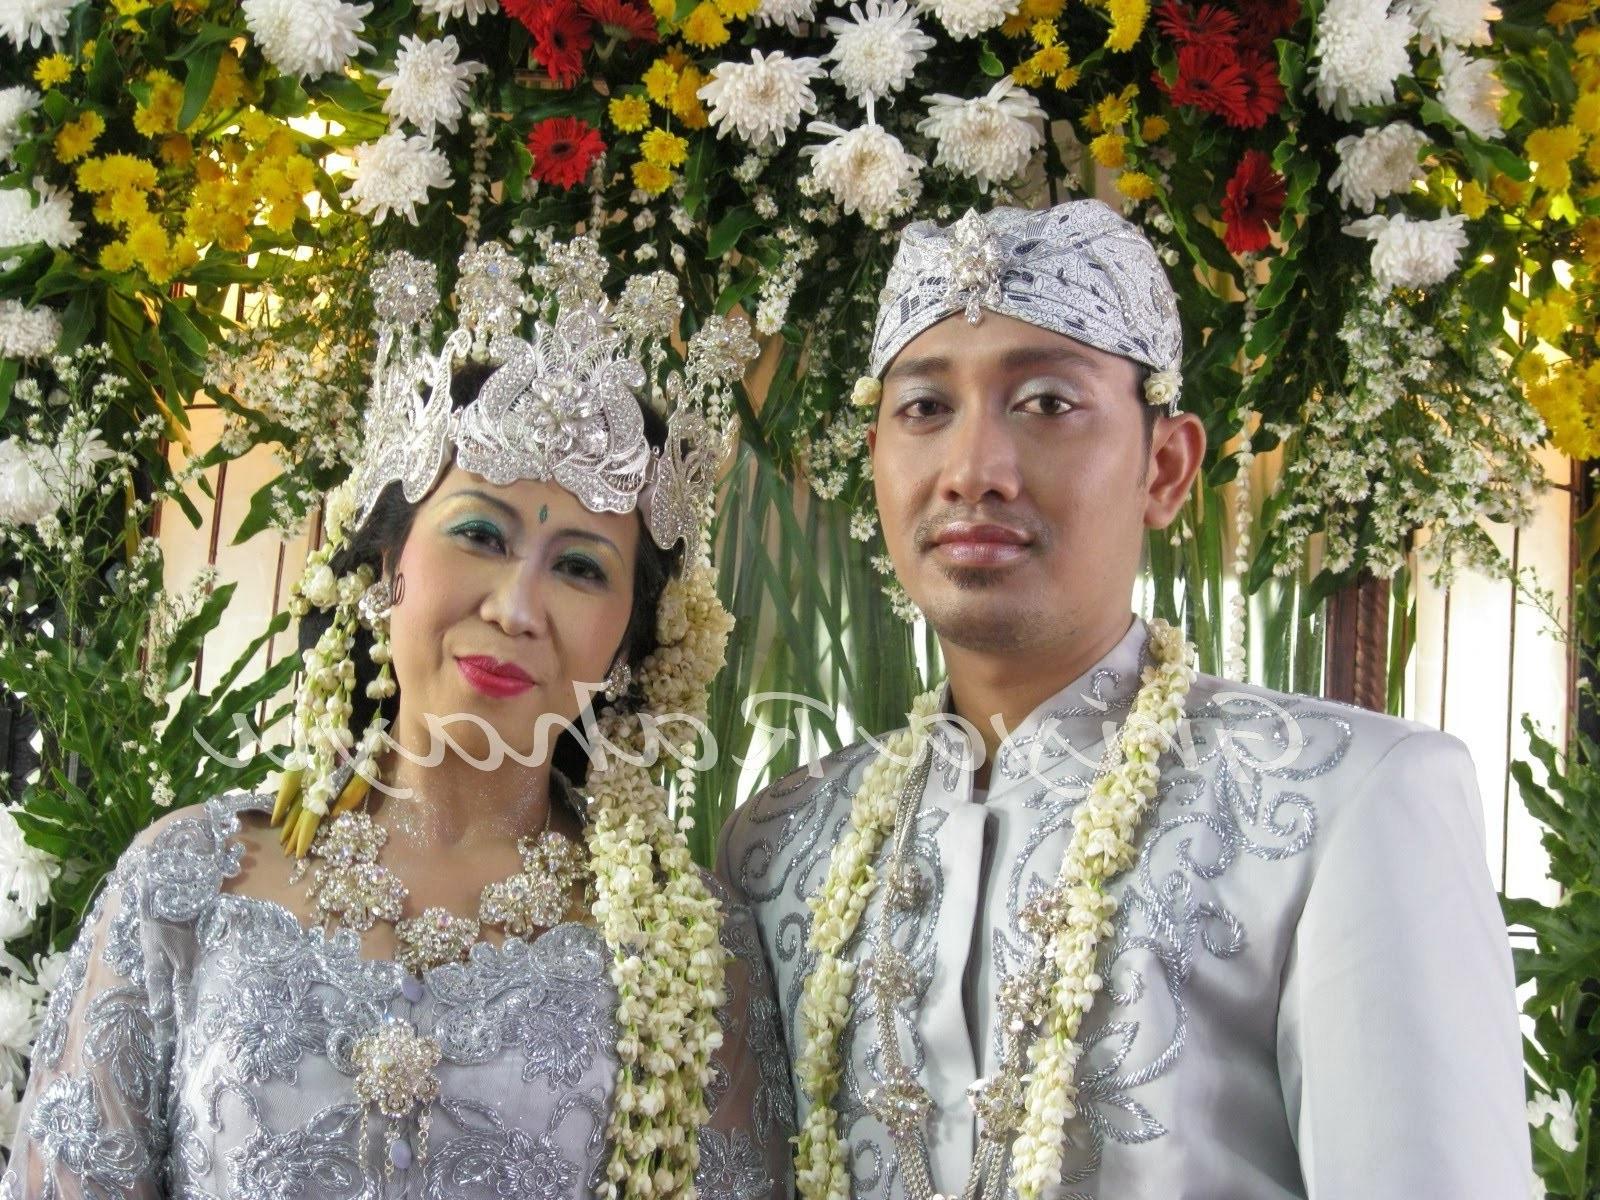 Bentuk Baju Pengantin Sunda Muslim 9fdy Baju Pengantin Adat Lampung Berhijab Baru Radar Lampung